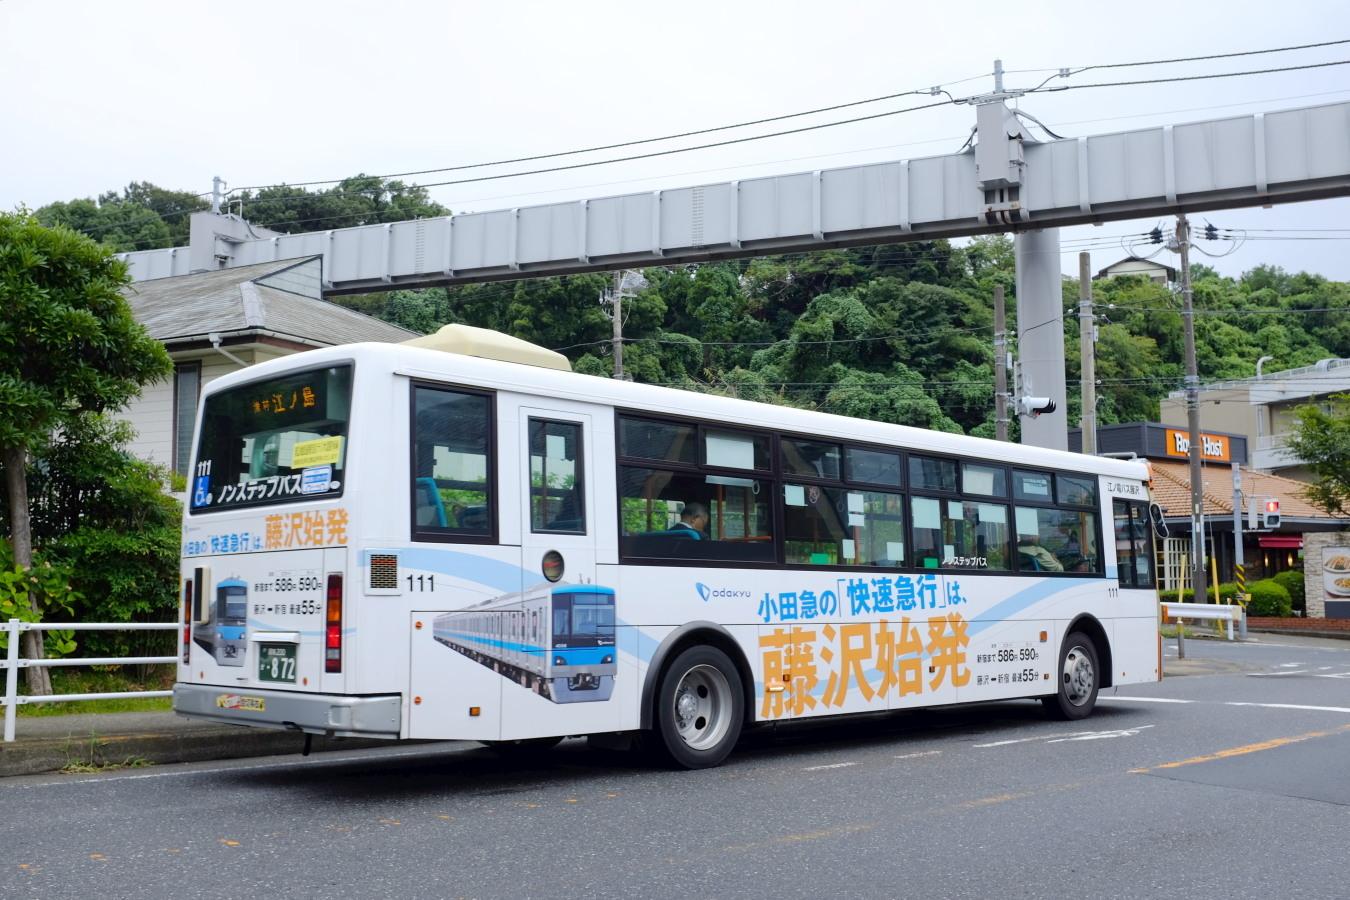 DSCF2124-fc2.jpg